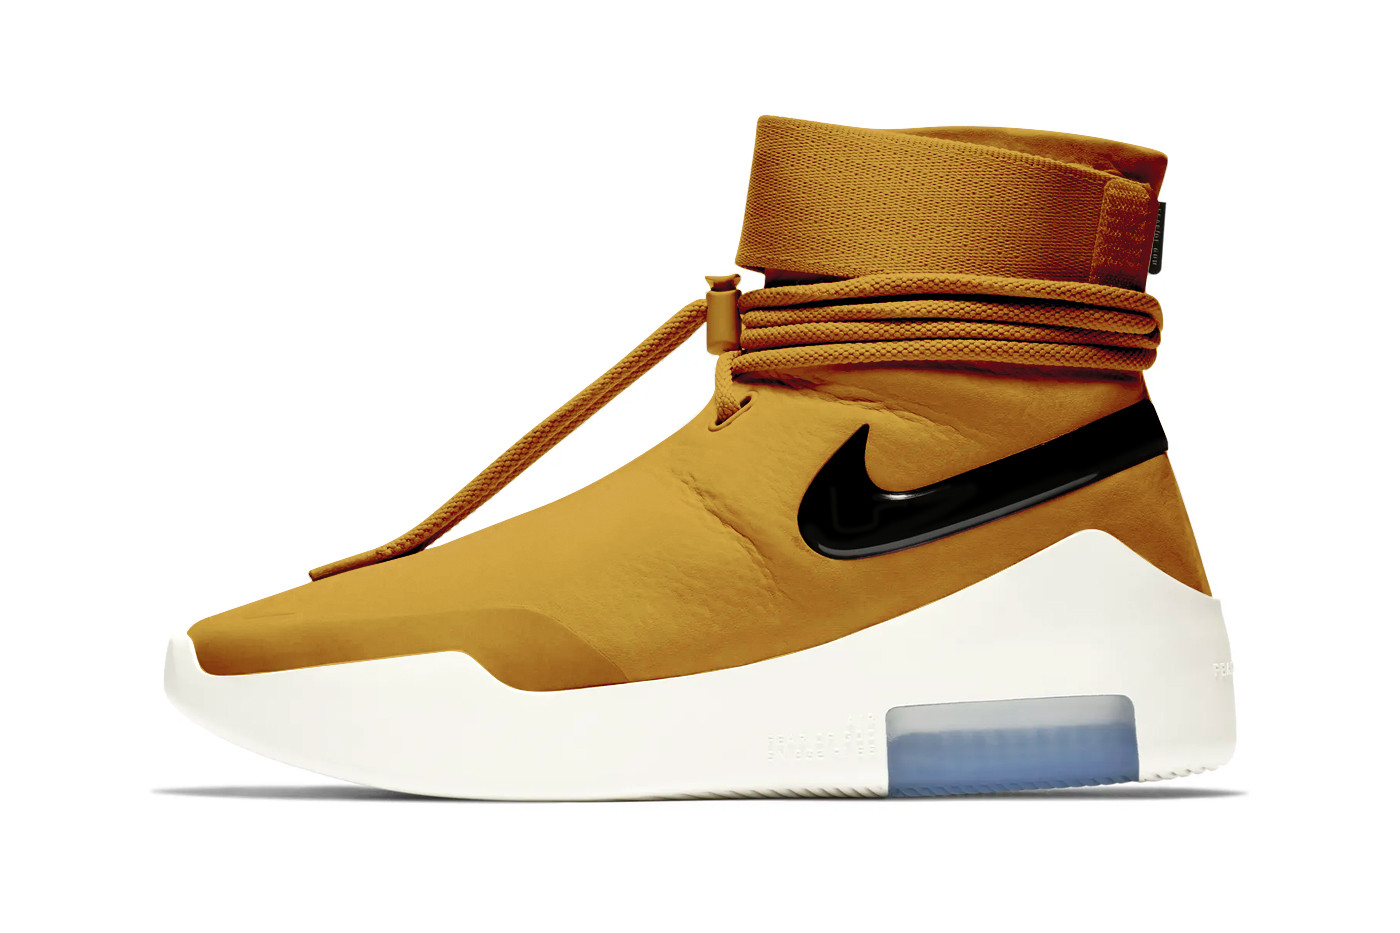 Nike x Fear of God Rumors